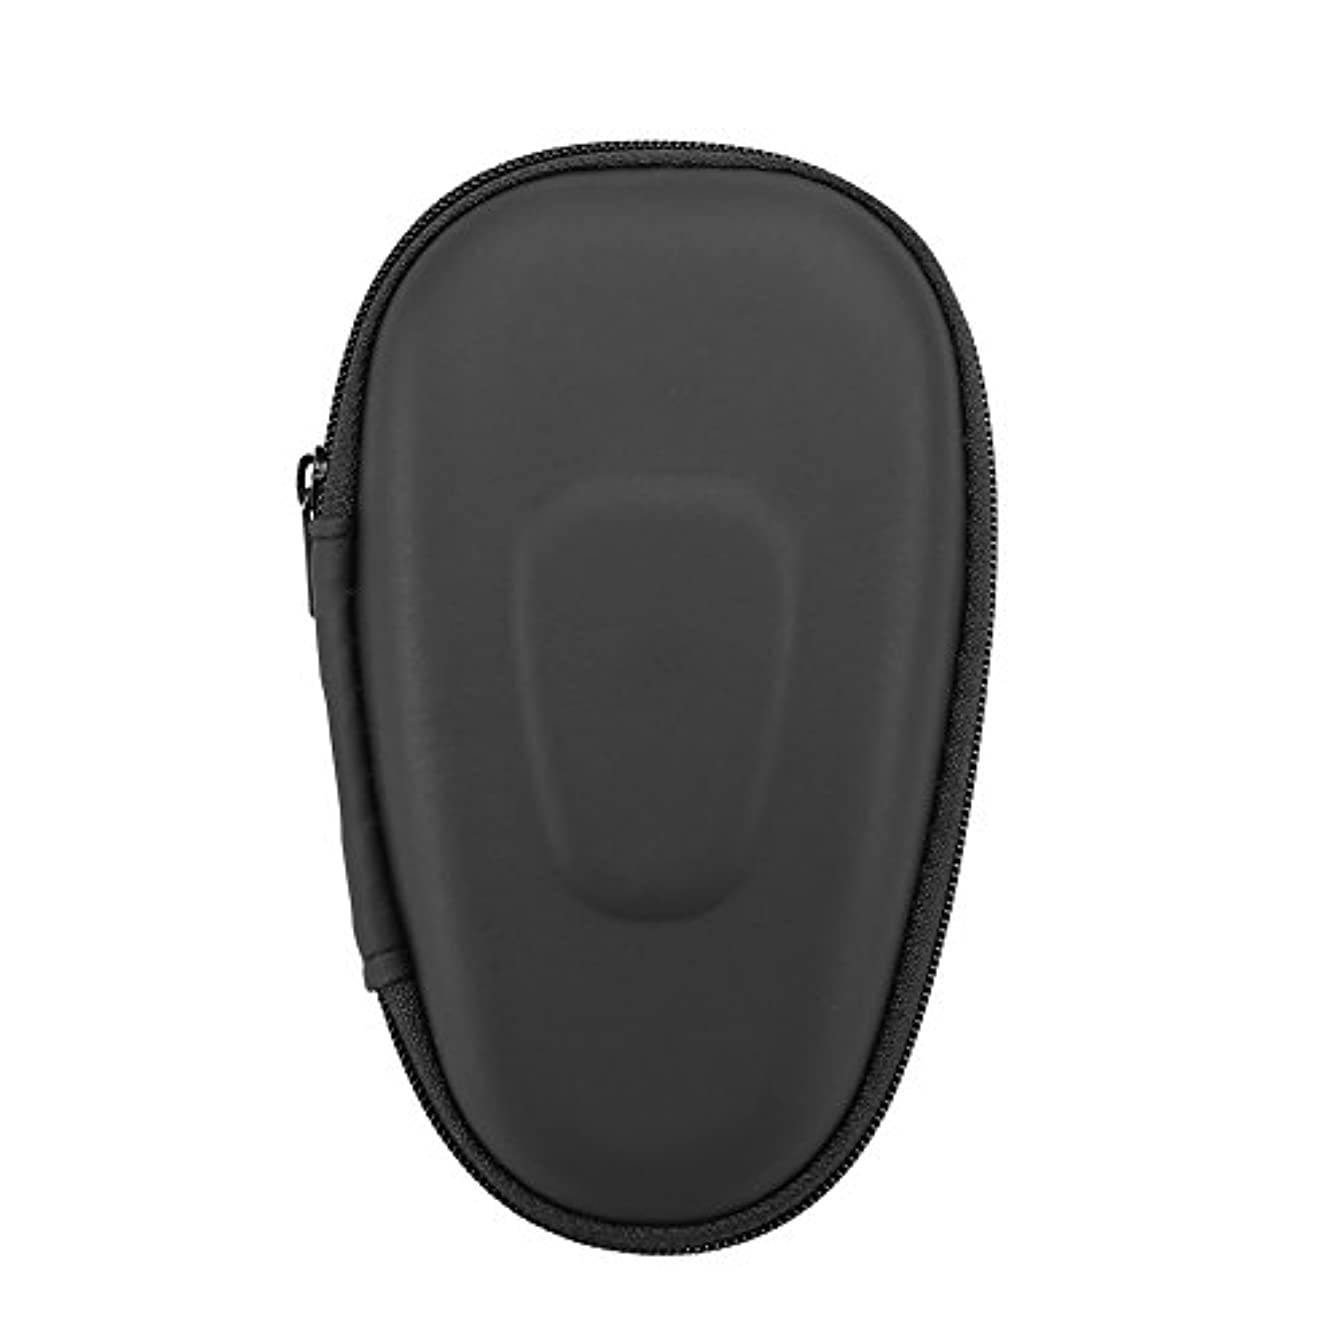 実際の実現可能性宣伝メンズシェーバー用 収納ケース シェーバーケース 電動シェーバー用 2枚刃専用 ハードポータブル 防水仕様 耐衝撃 防塵 出張/旅行/アウトドア (ブラック)